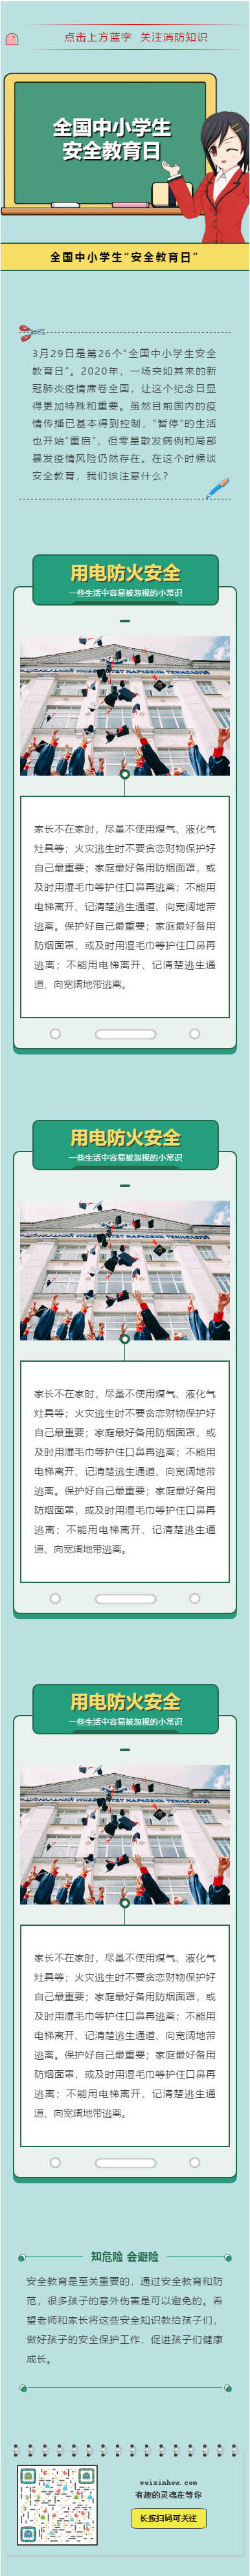 全国中小学生安全教育日微信公众号推送图文推送文章模板